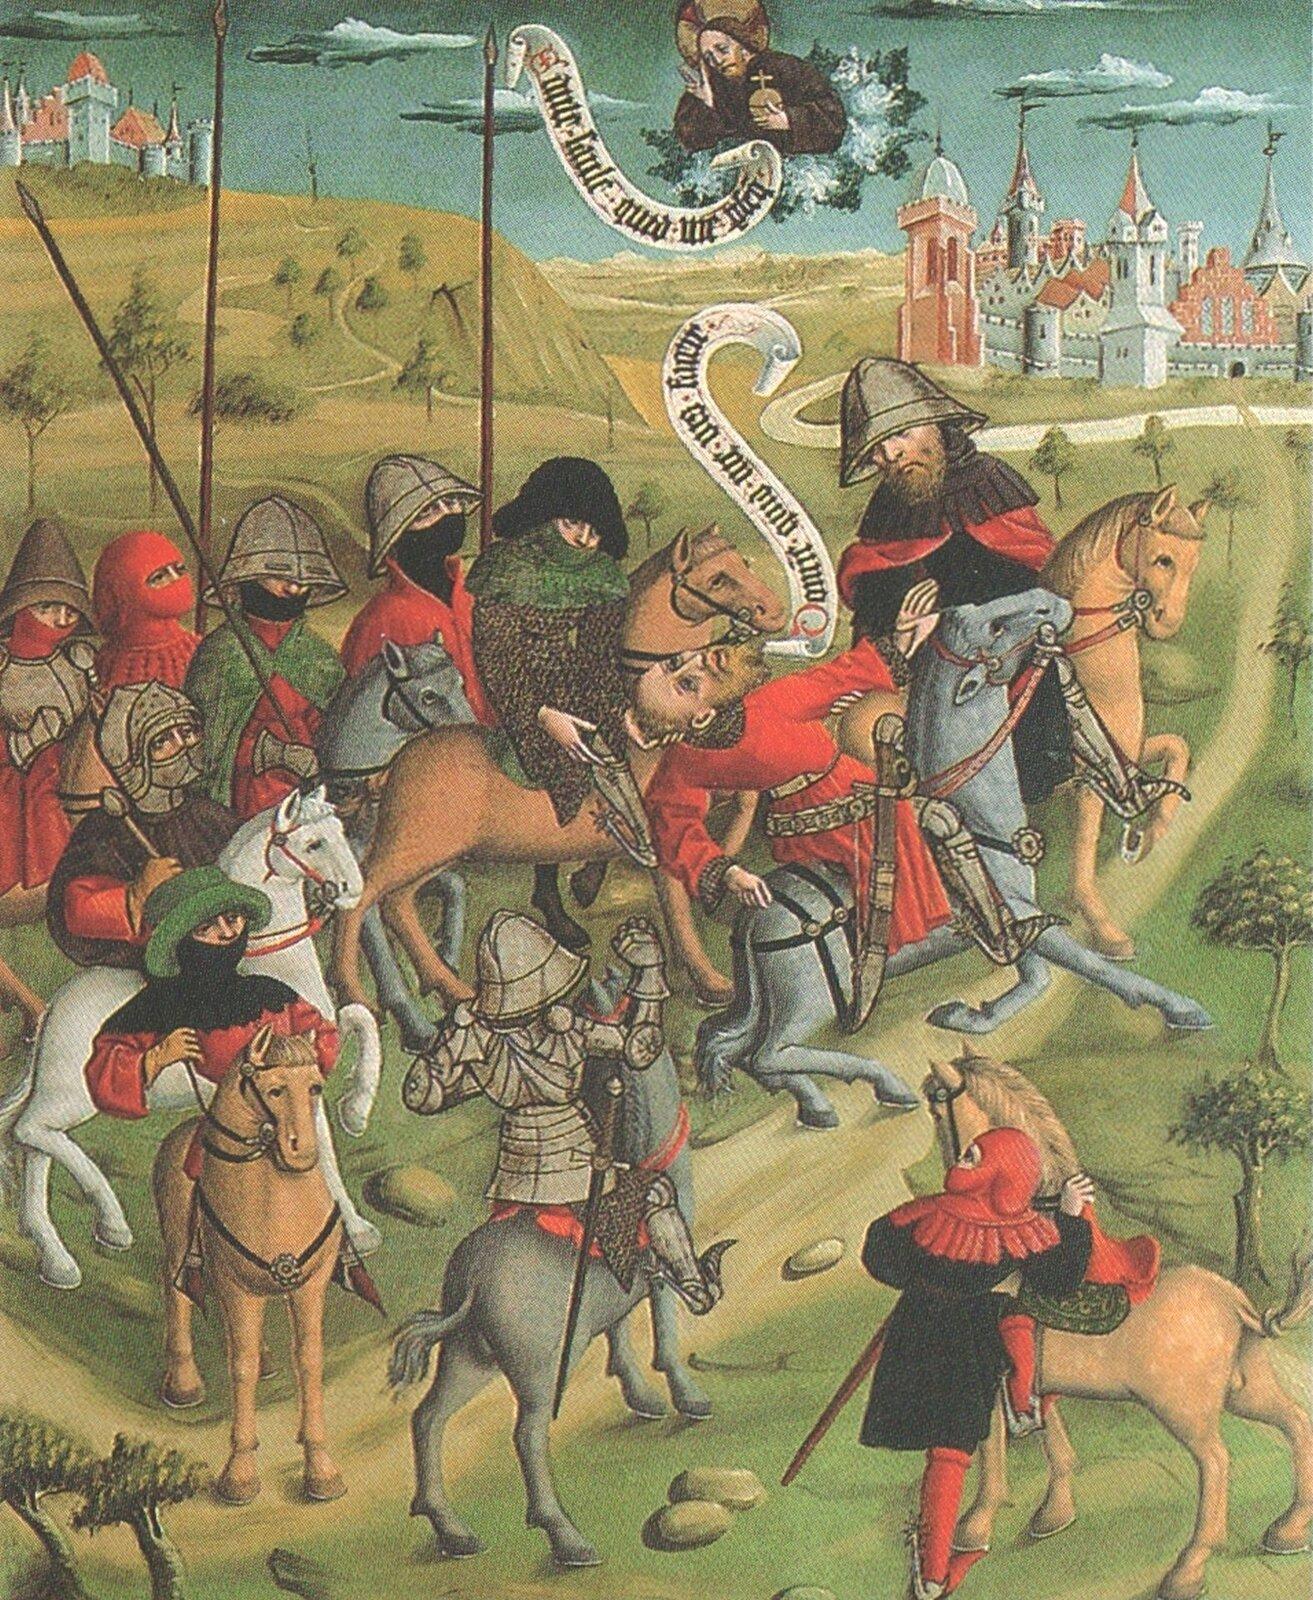 """Zdjęcie przedstawia obraz pt. """"Nawrócenie św. Pawła"""". Na obrazie można zobaczyć rycerzy na koniach, są oni wstrojach zbrojnych, na głowach mają chełmy lub inne okrycia."""